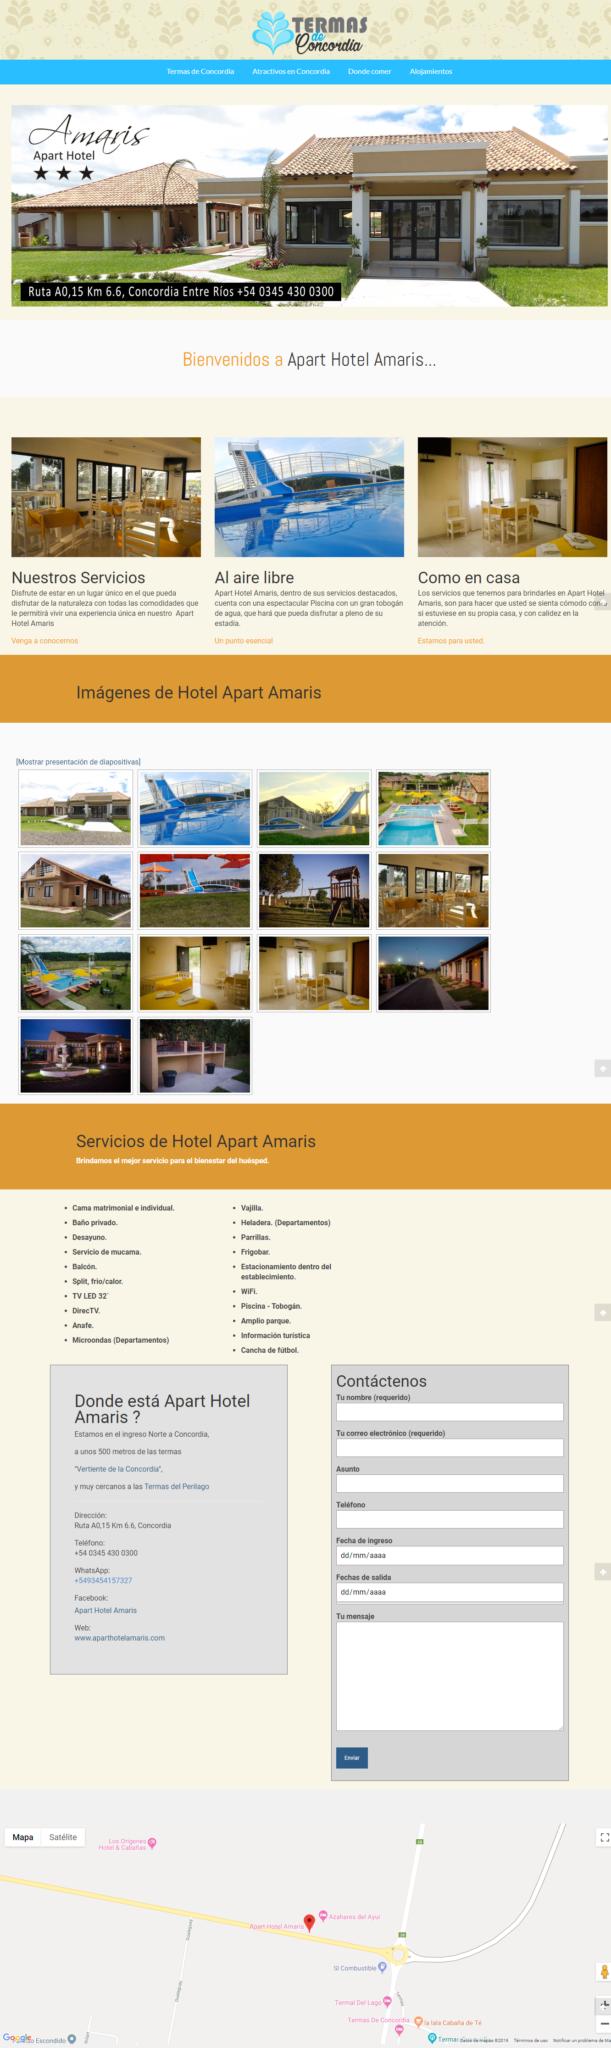 pagina anuncio